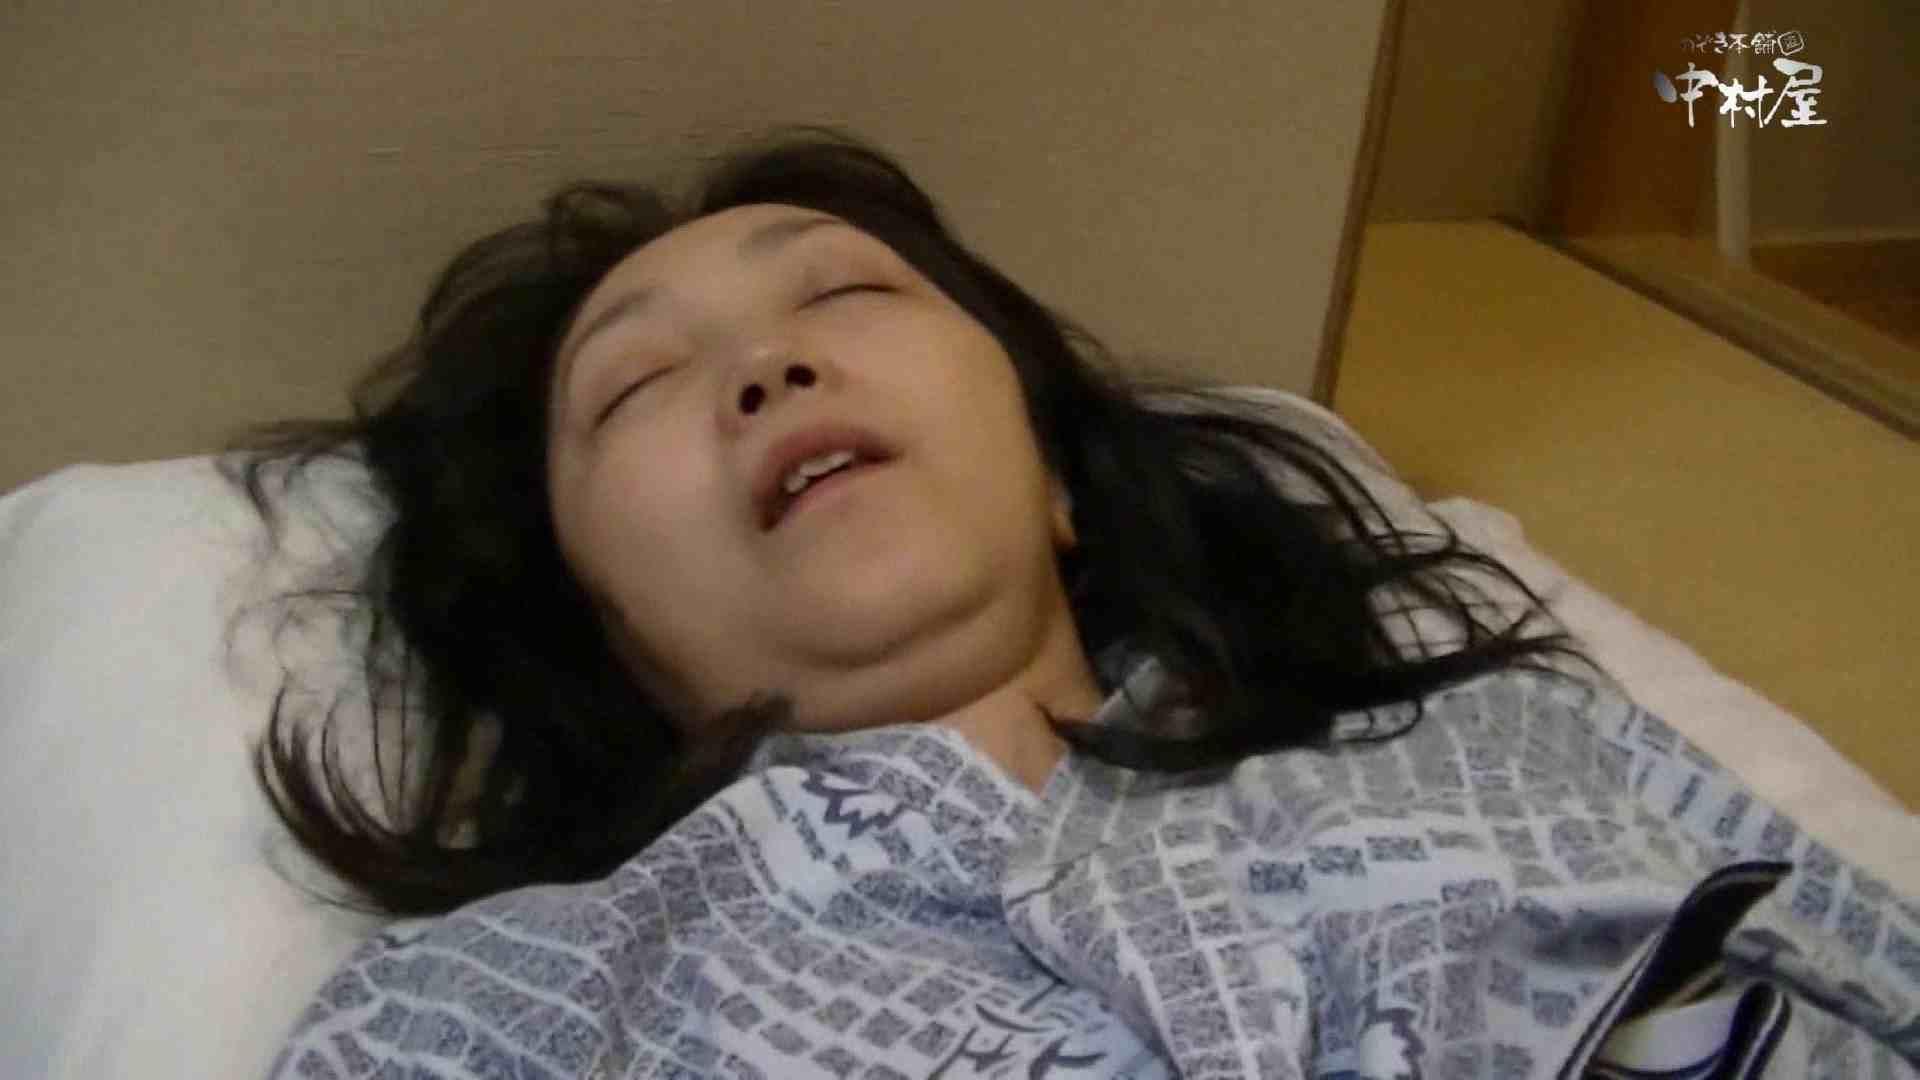 ネムリ姫 vol.53 前編 熟女のエロ動画 | マンコエロすぎ  106PIX 1